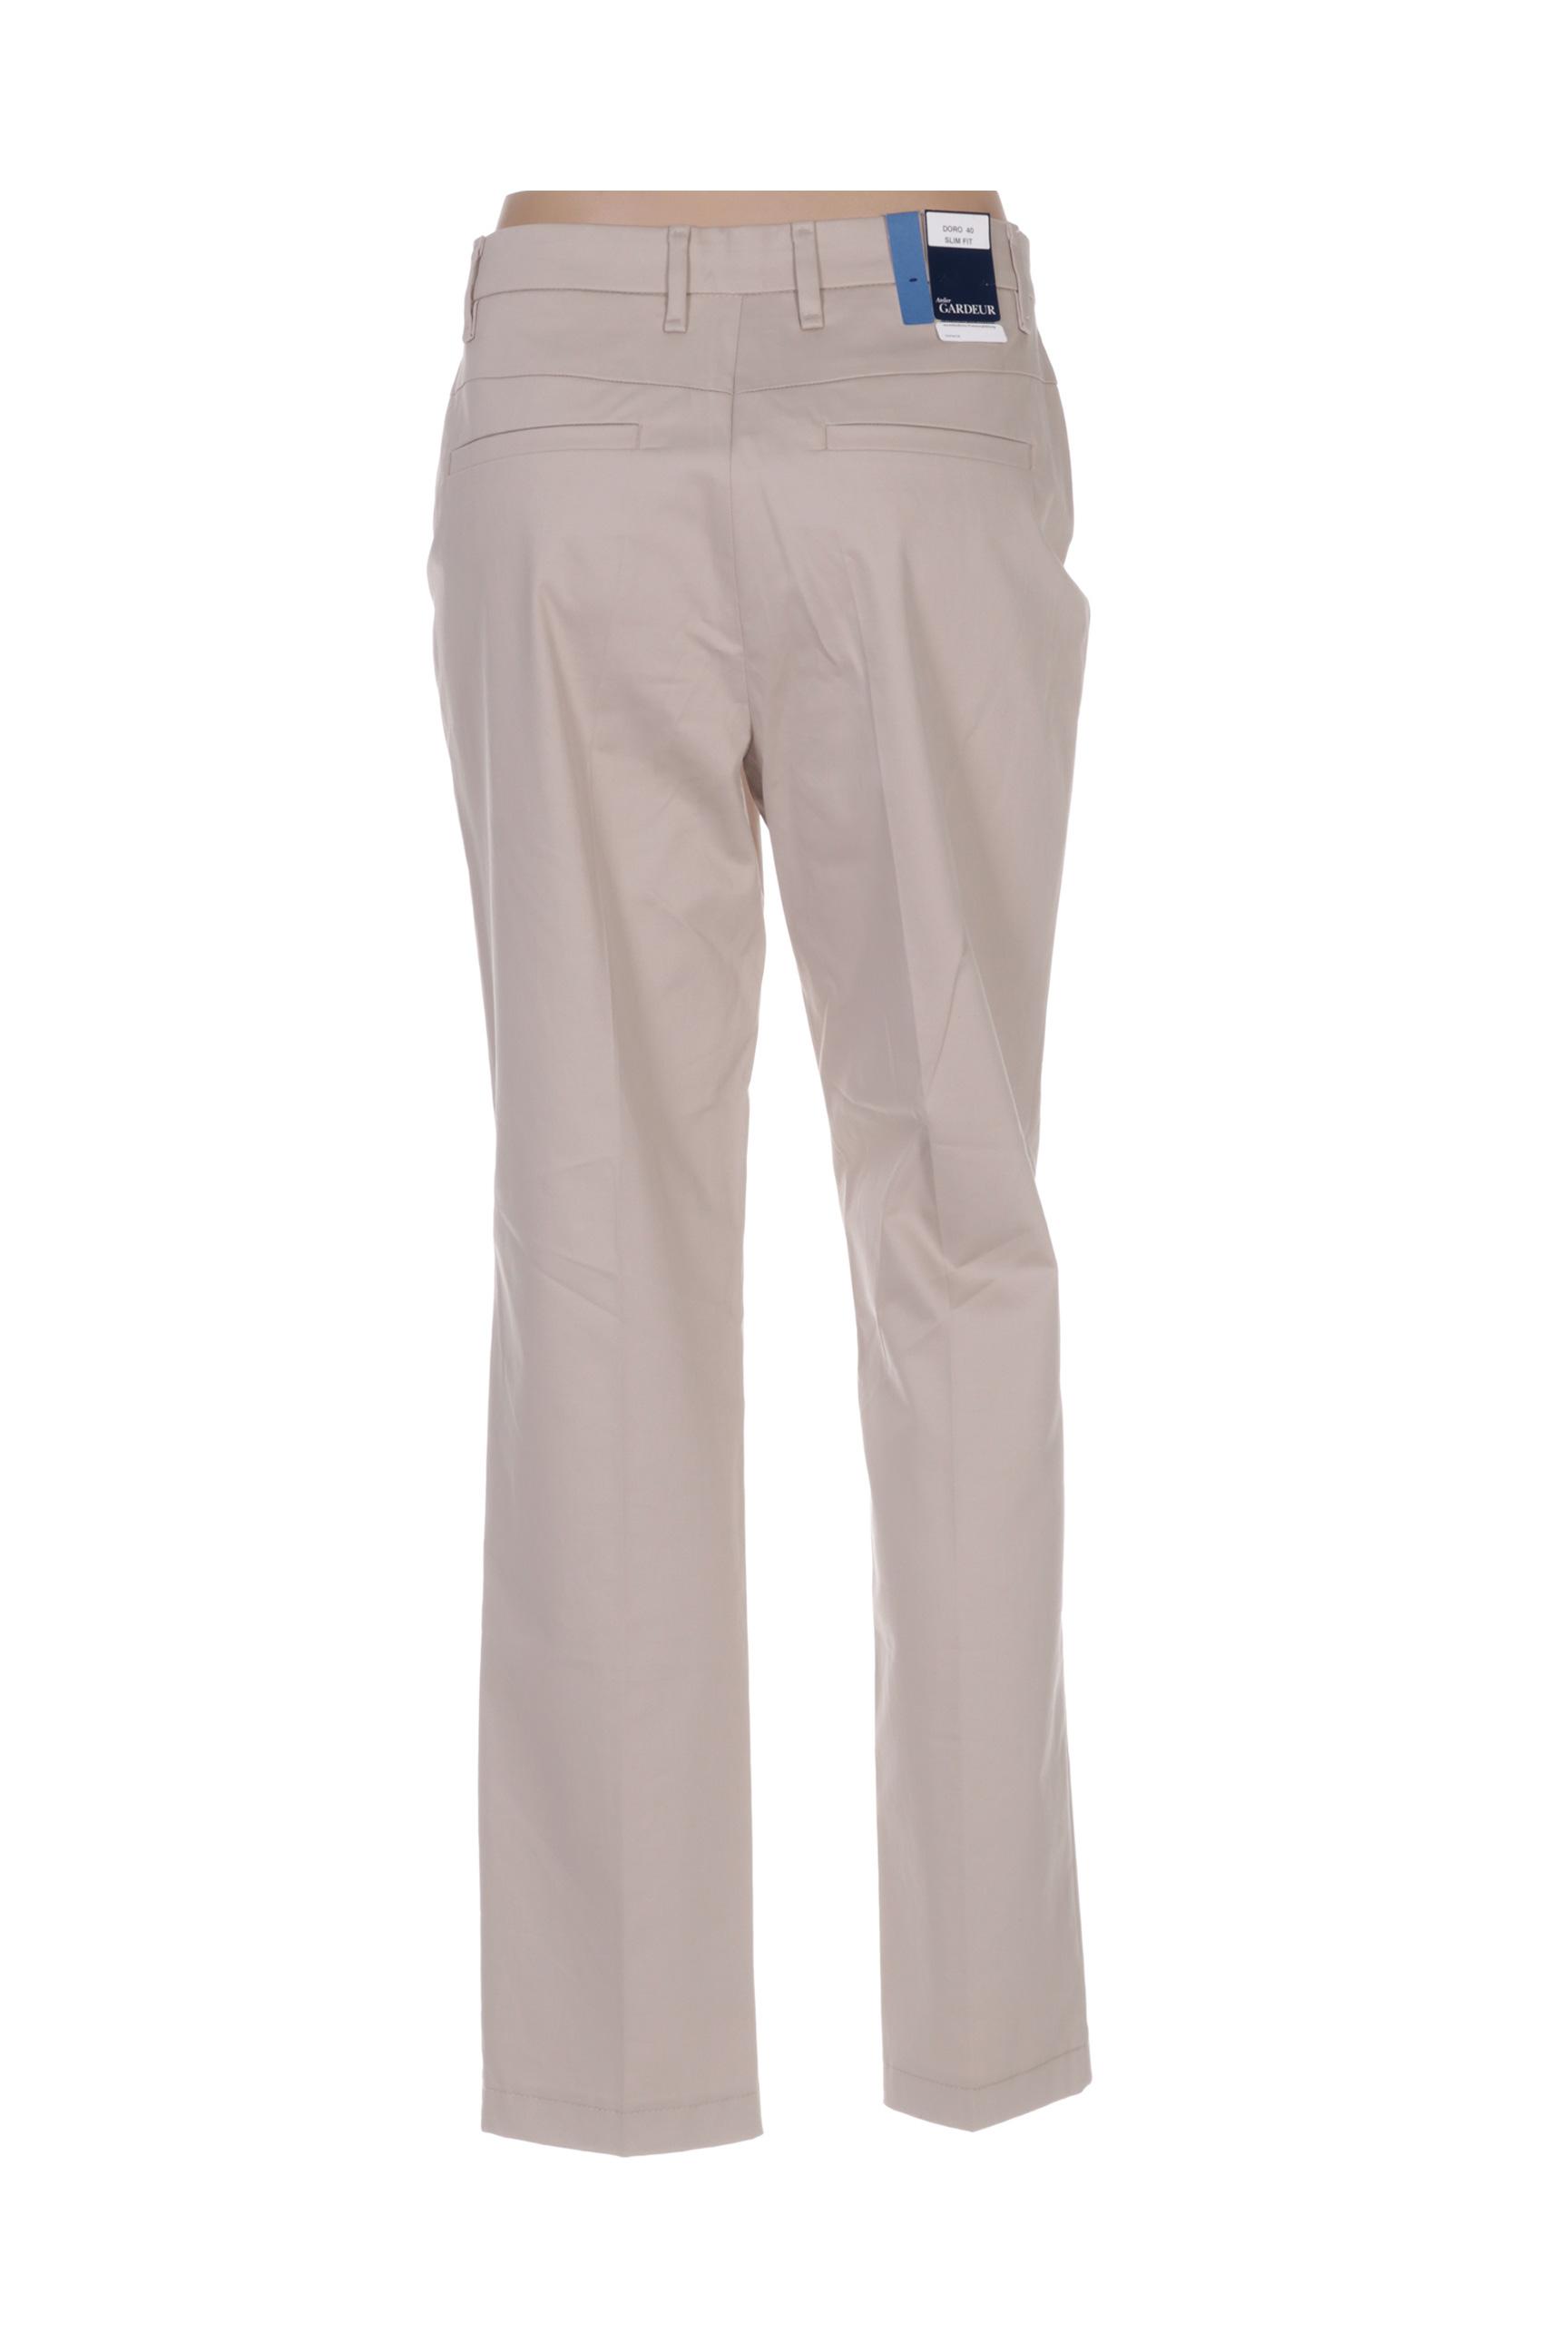 Gardeur Pantalons Decontractes Femme De Couleur Beige En Soldes Pas Cher 1425195-beige0